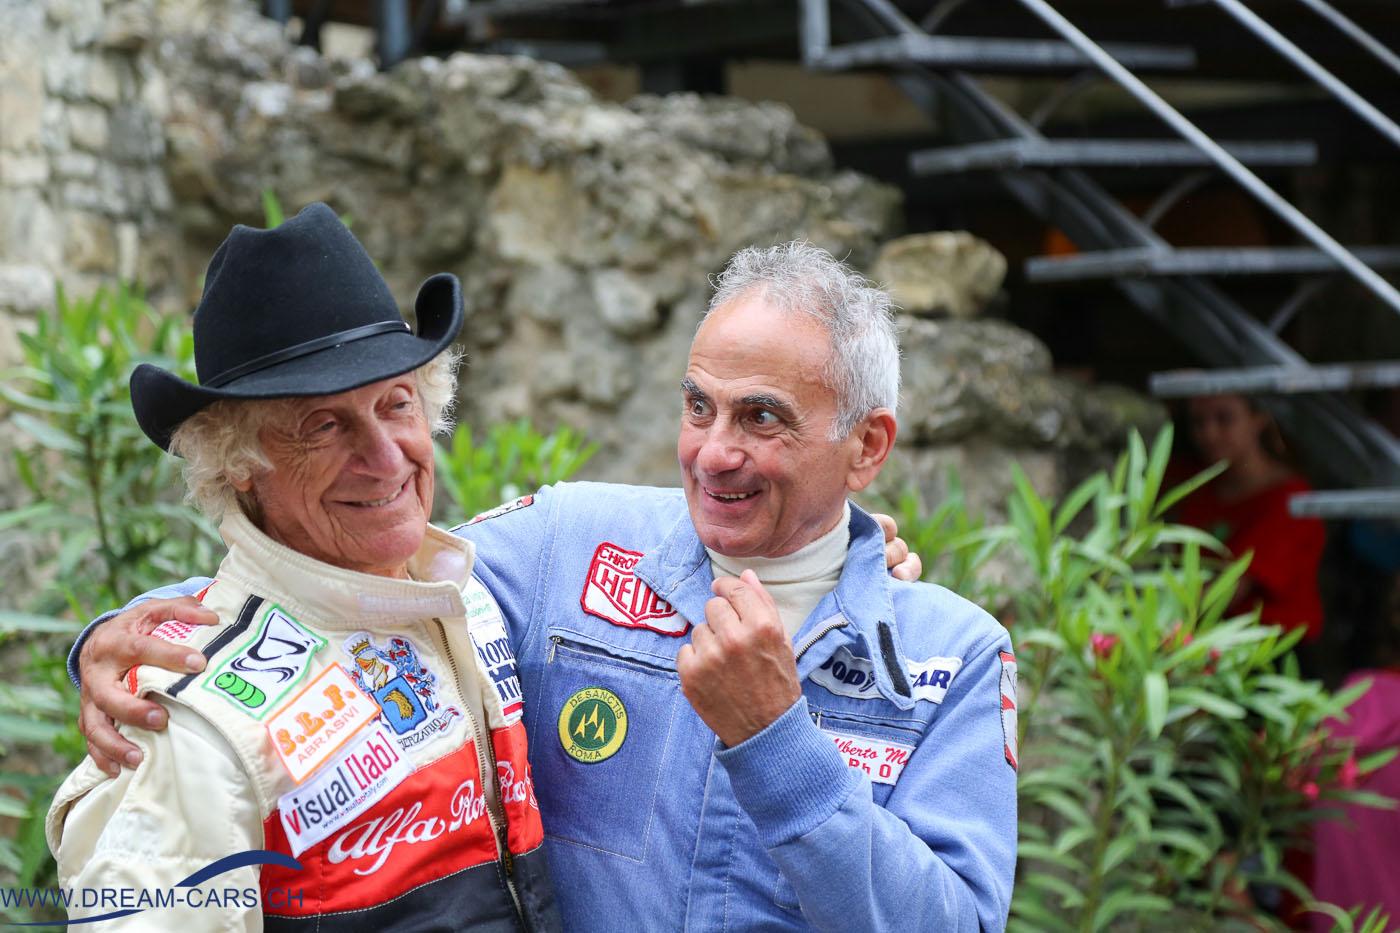 Vernasca Silver Flag 2016, Siegerehrung in Vernasca. Links der ehemalige Formel 1-Fahrer Arturo Merzario, unverkennbar mit seinem Cowboy-Hut.